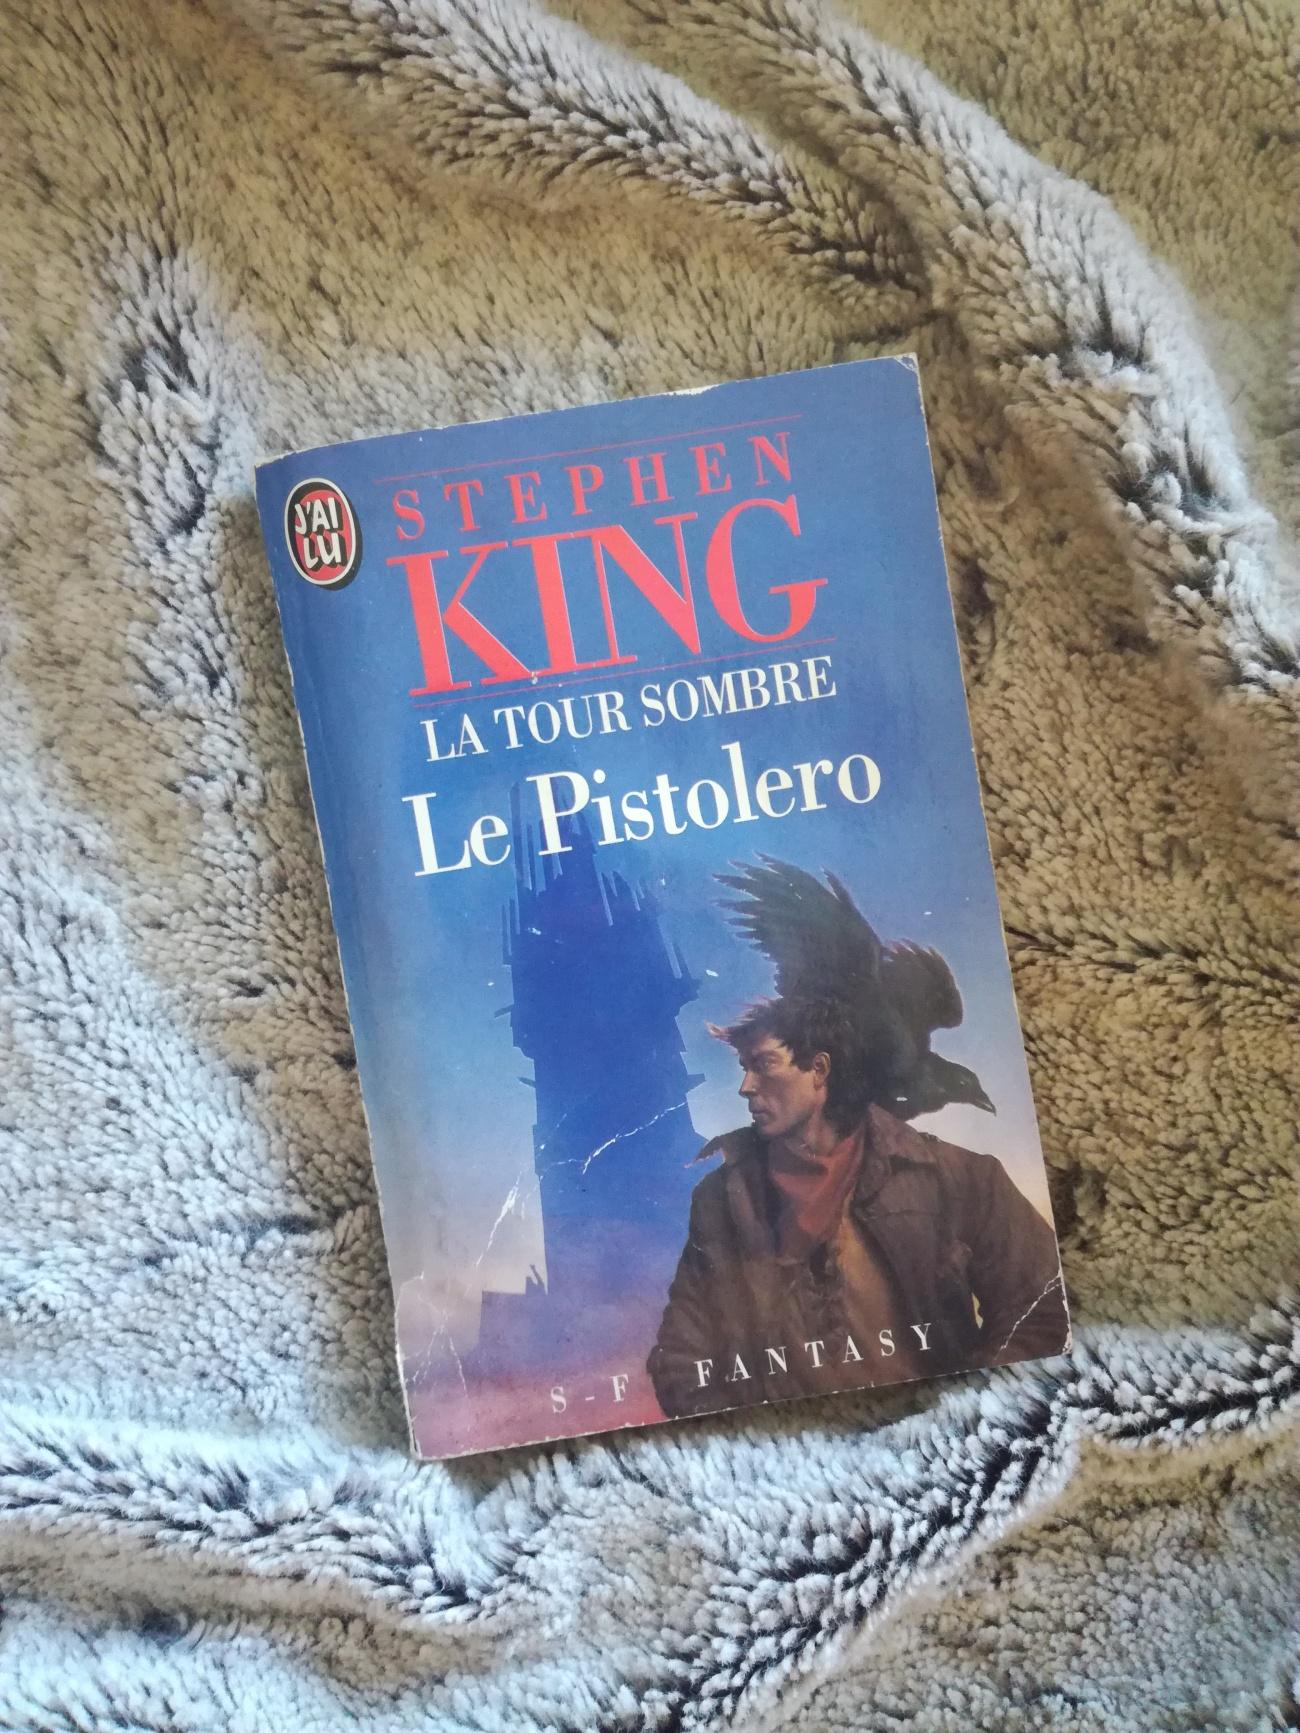 La Tour Sombre : Le pistolero Stephen King